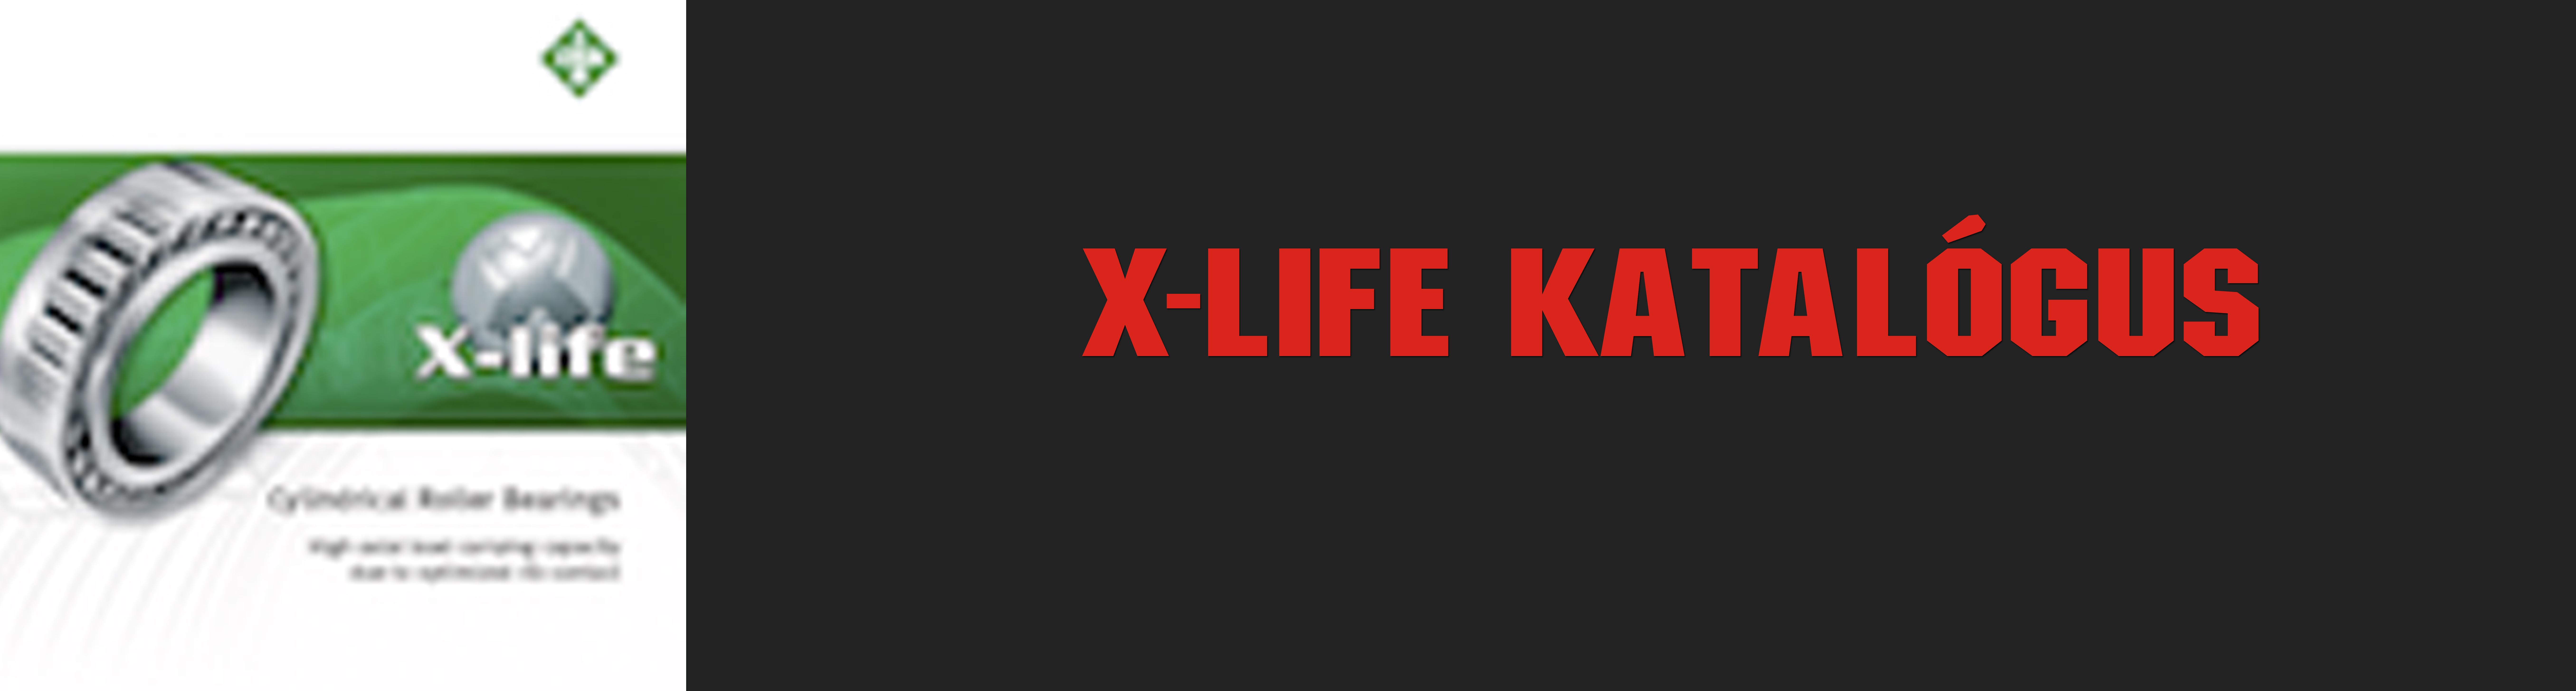 xlife_katalogus